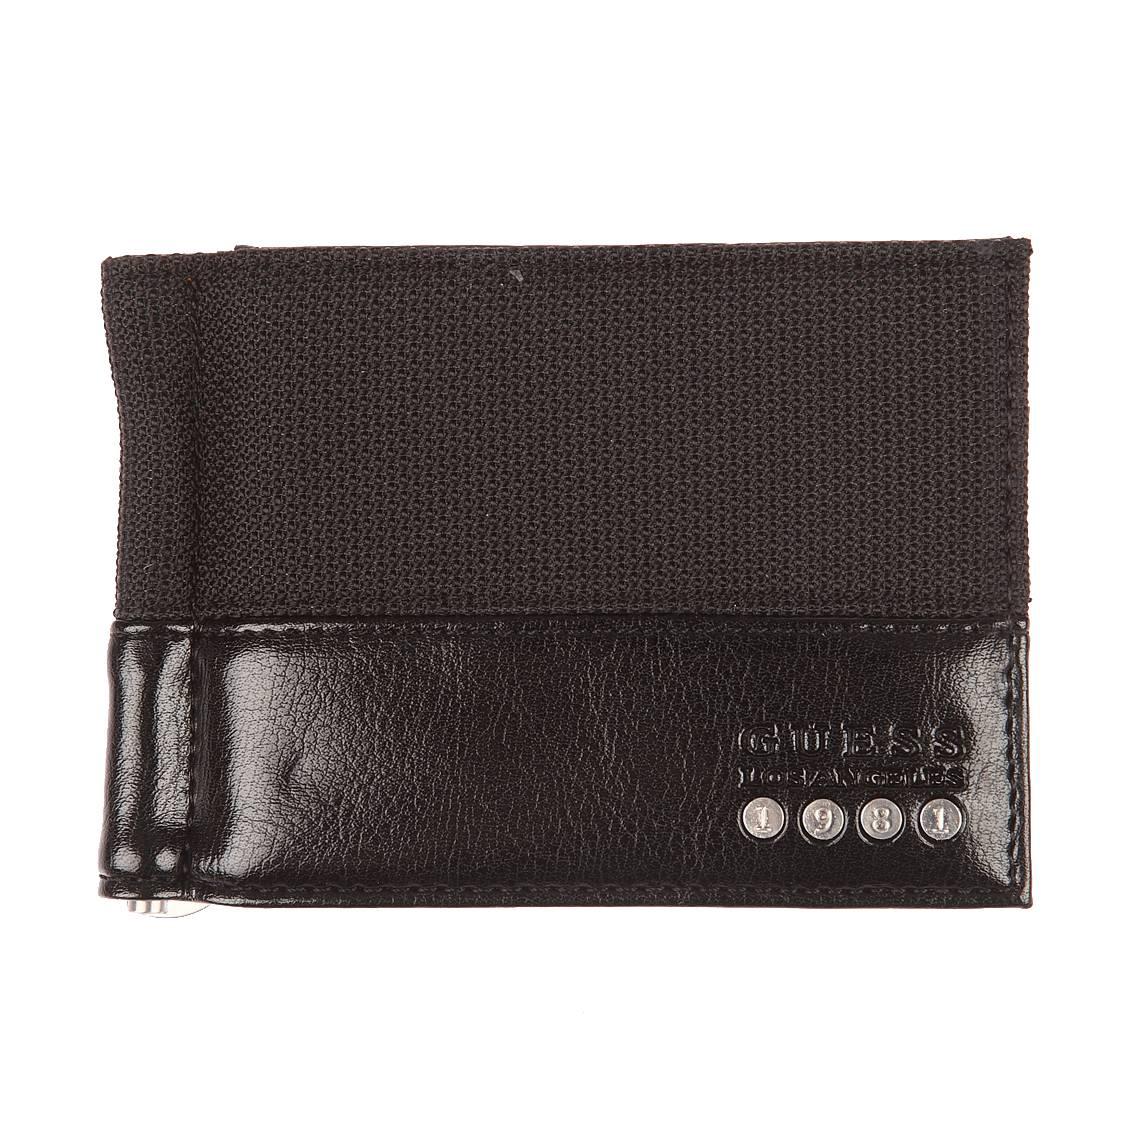 Portefeuille italien guess en nylon et cuir vernis noir